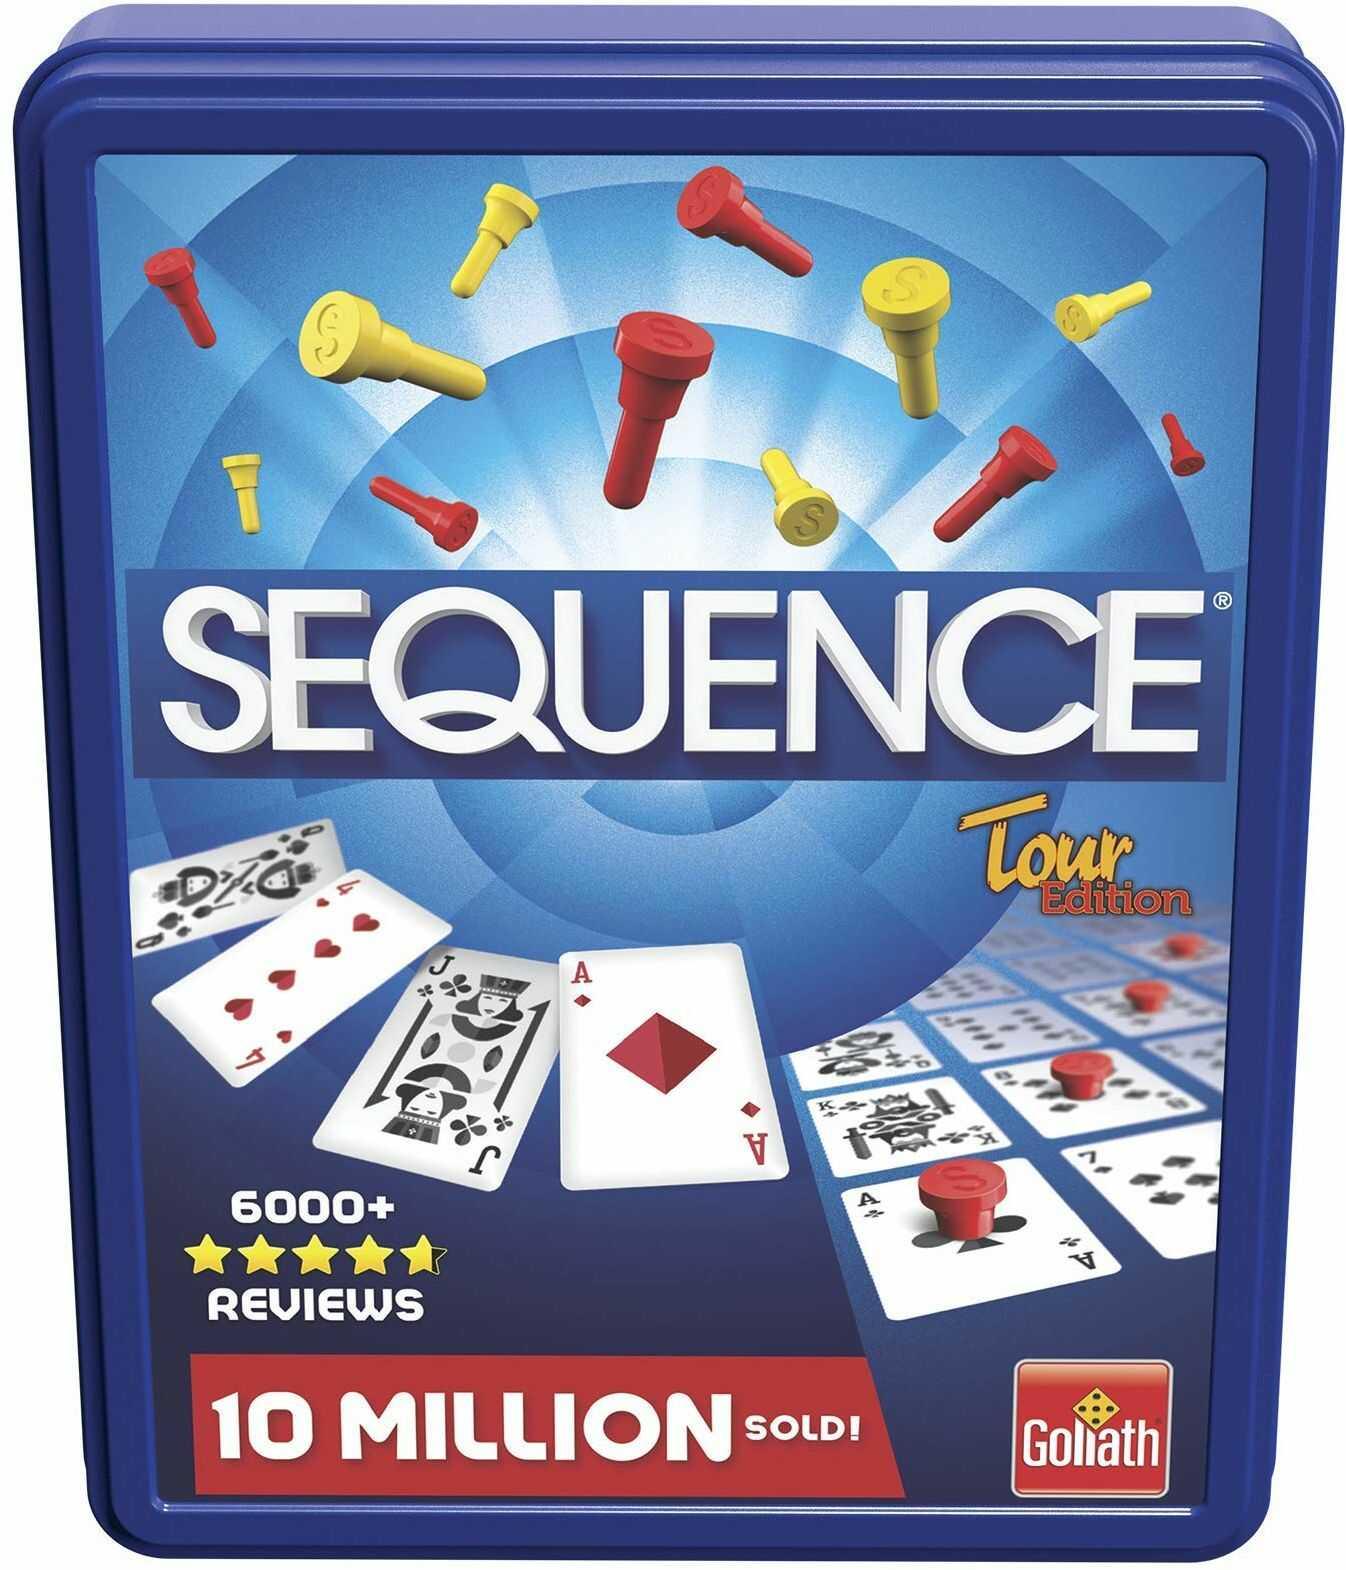 Sequence Tour: Spieldauer +/- 20 Minuten, Für 2-4 Spieler